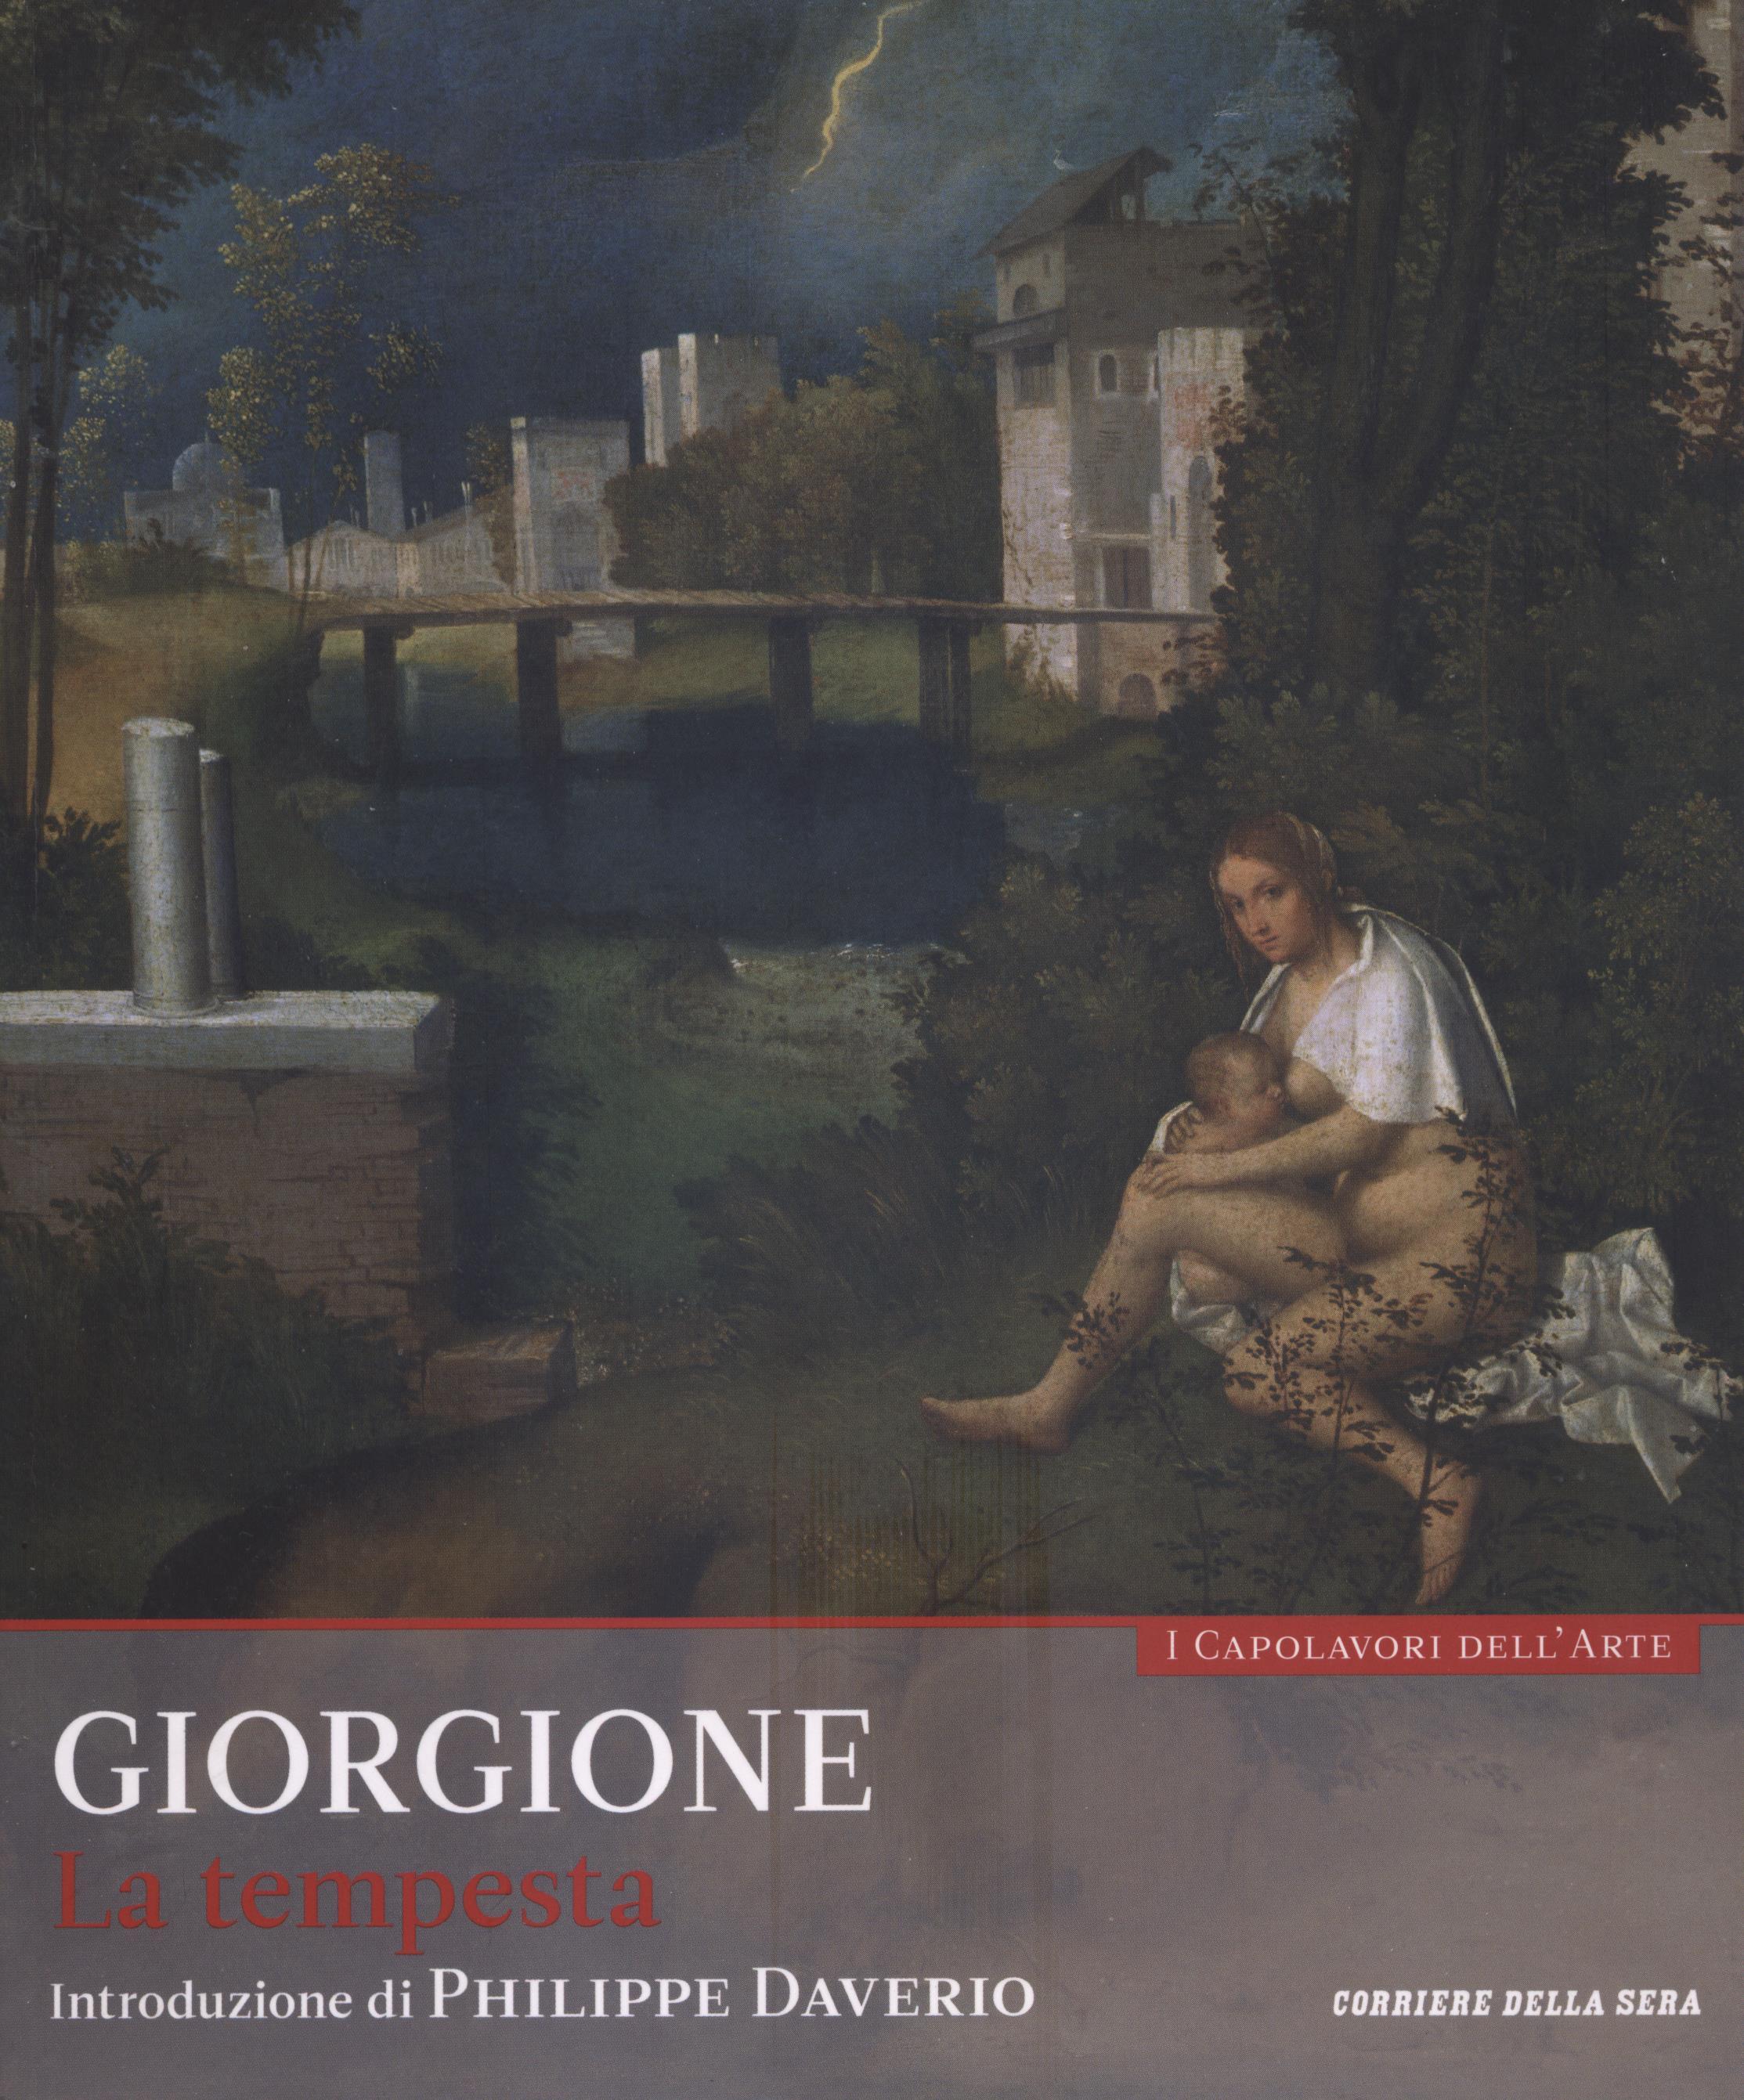 Giorgione - La tempesta